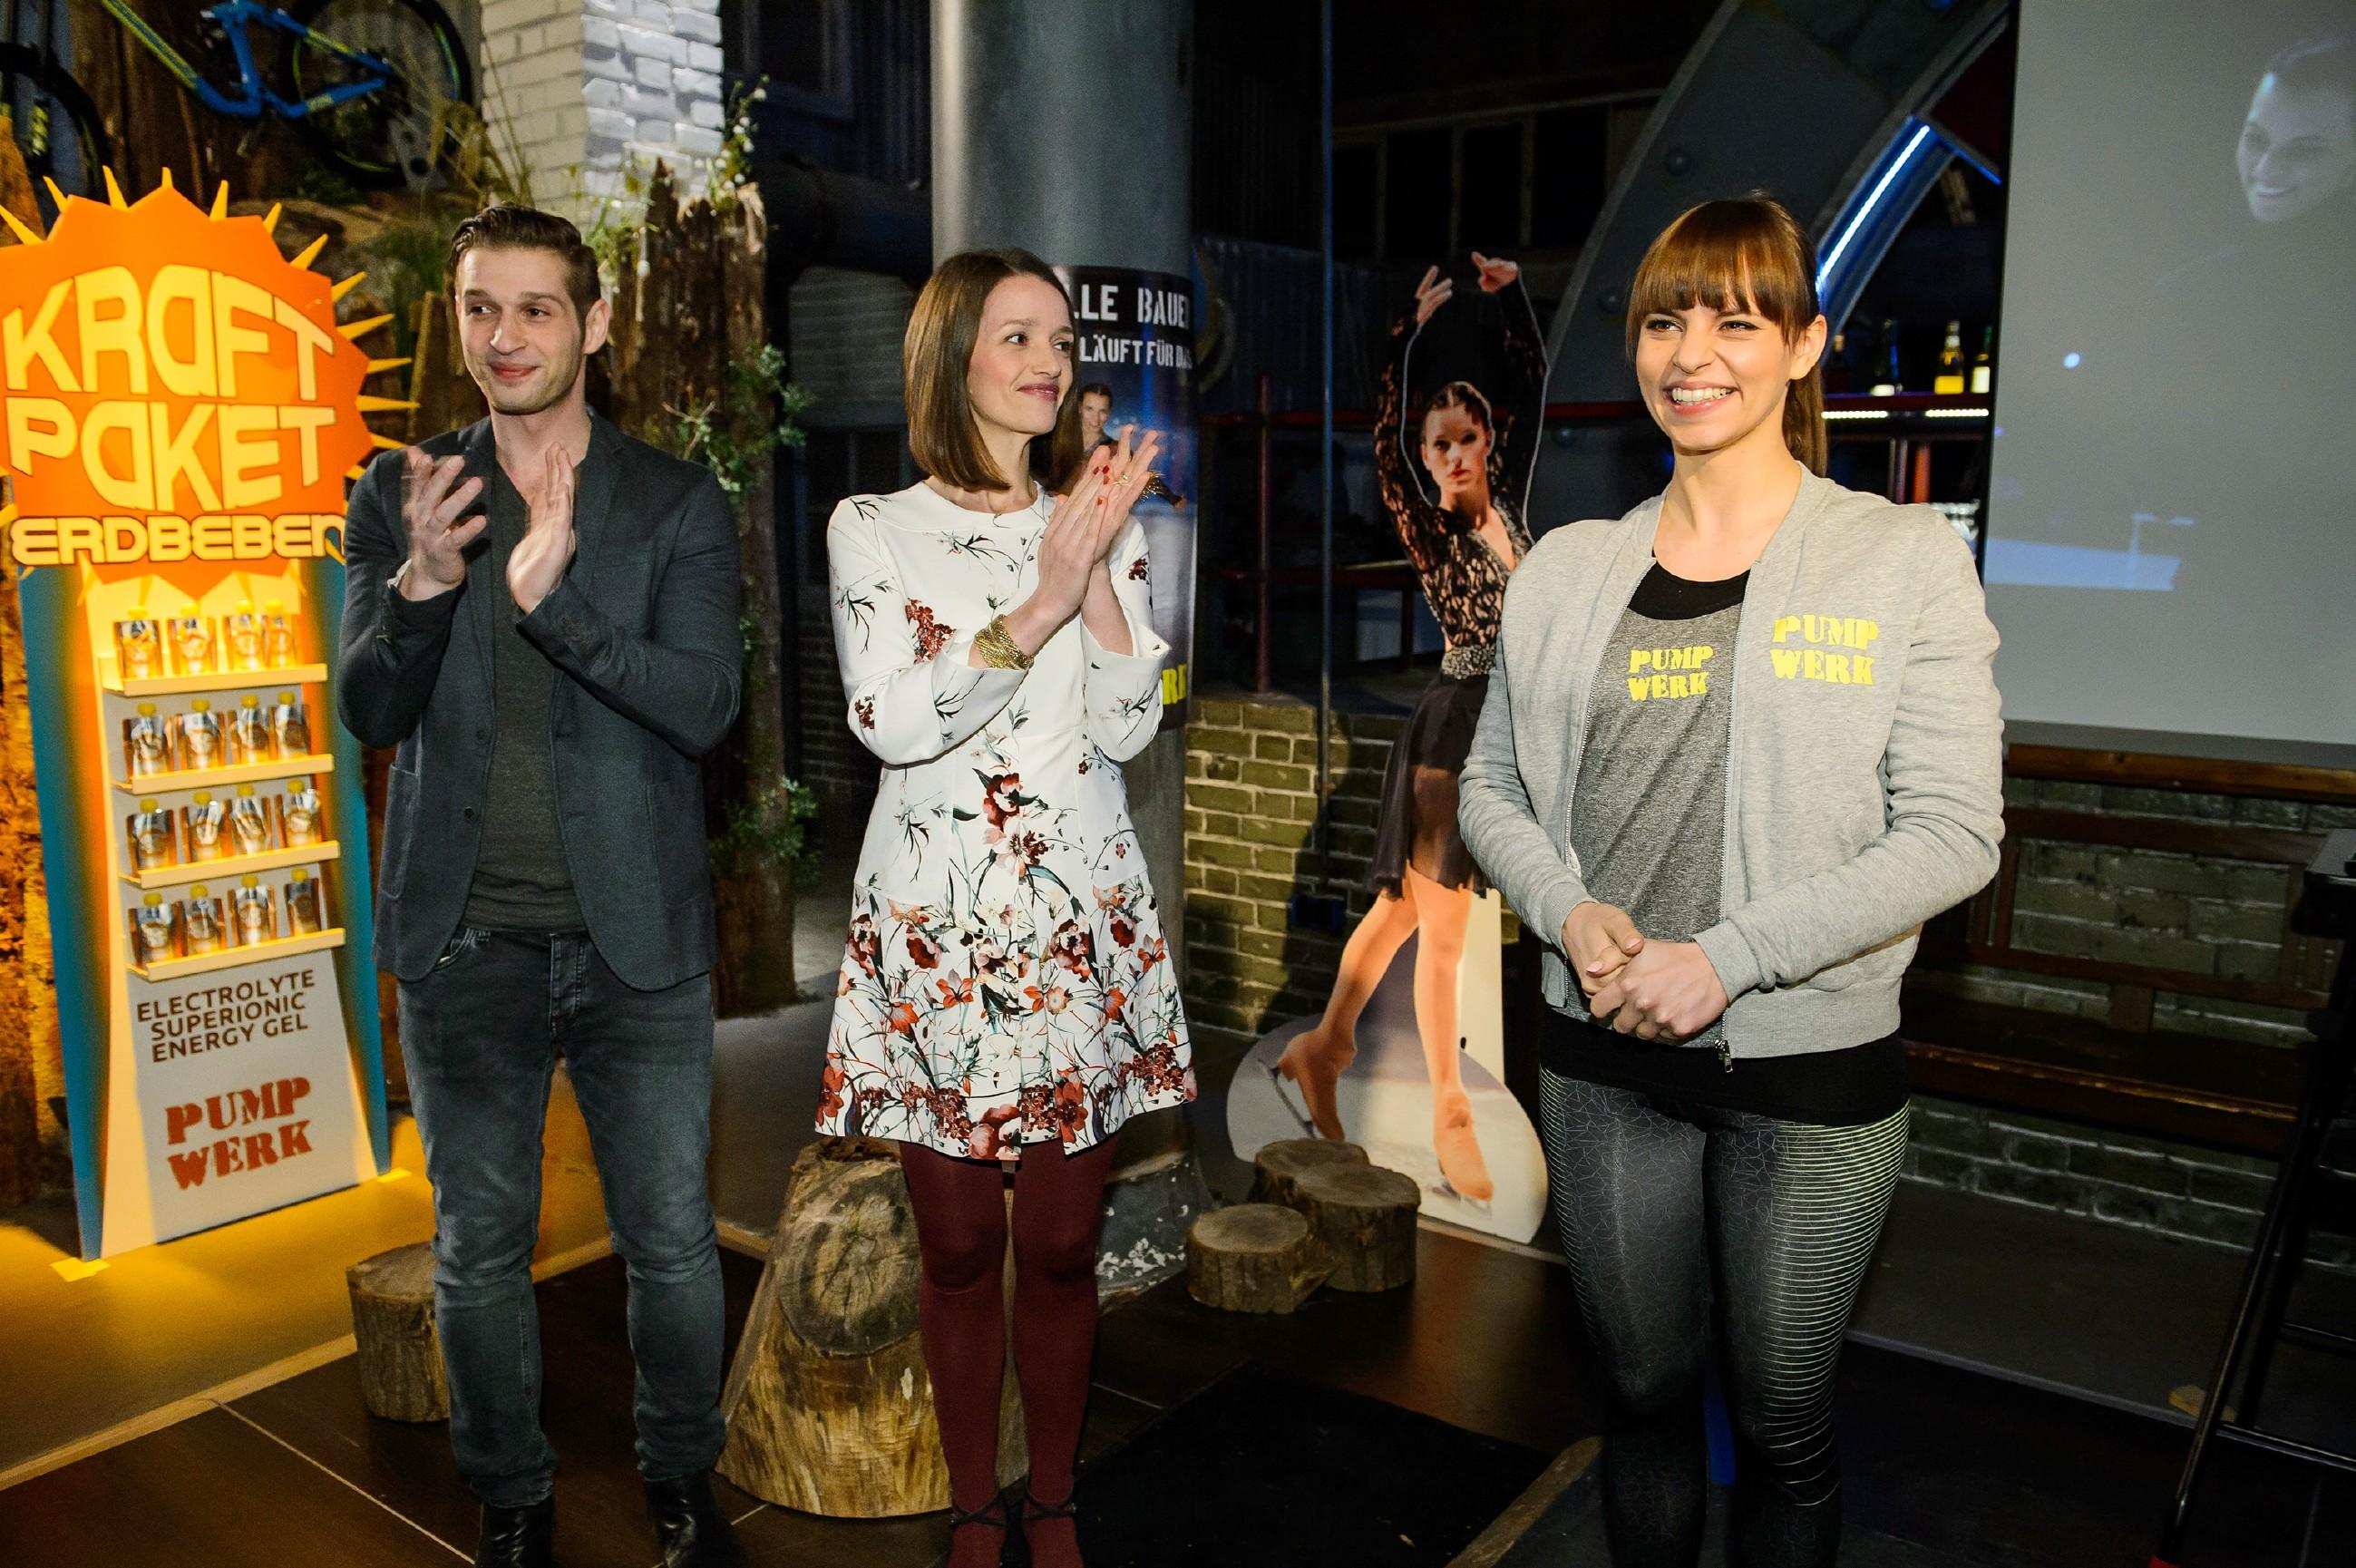 Michelle (Franziska Benz, r.) bringt die Presse bei Deniz' (Igor Dolgatschew) und Jennys (Kaja Schmidt-Tychsen) Präsentation der neuen Kraftpakete versehentlich auf die falsche Fährte. (Quelle: RTL / Willi Weber)